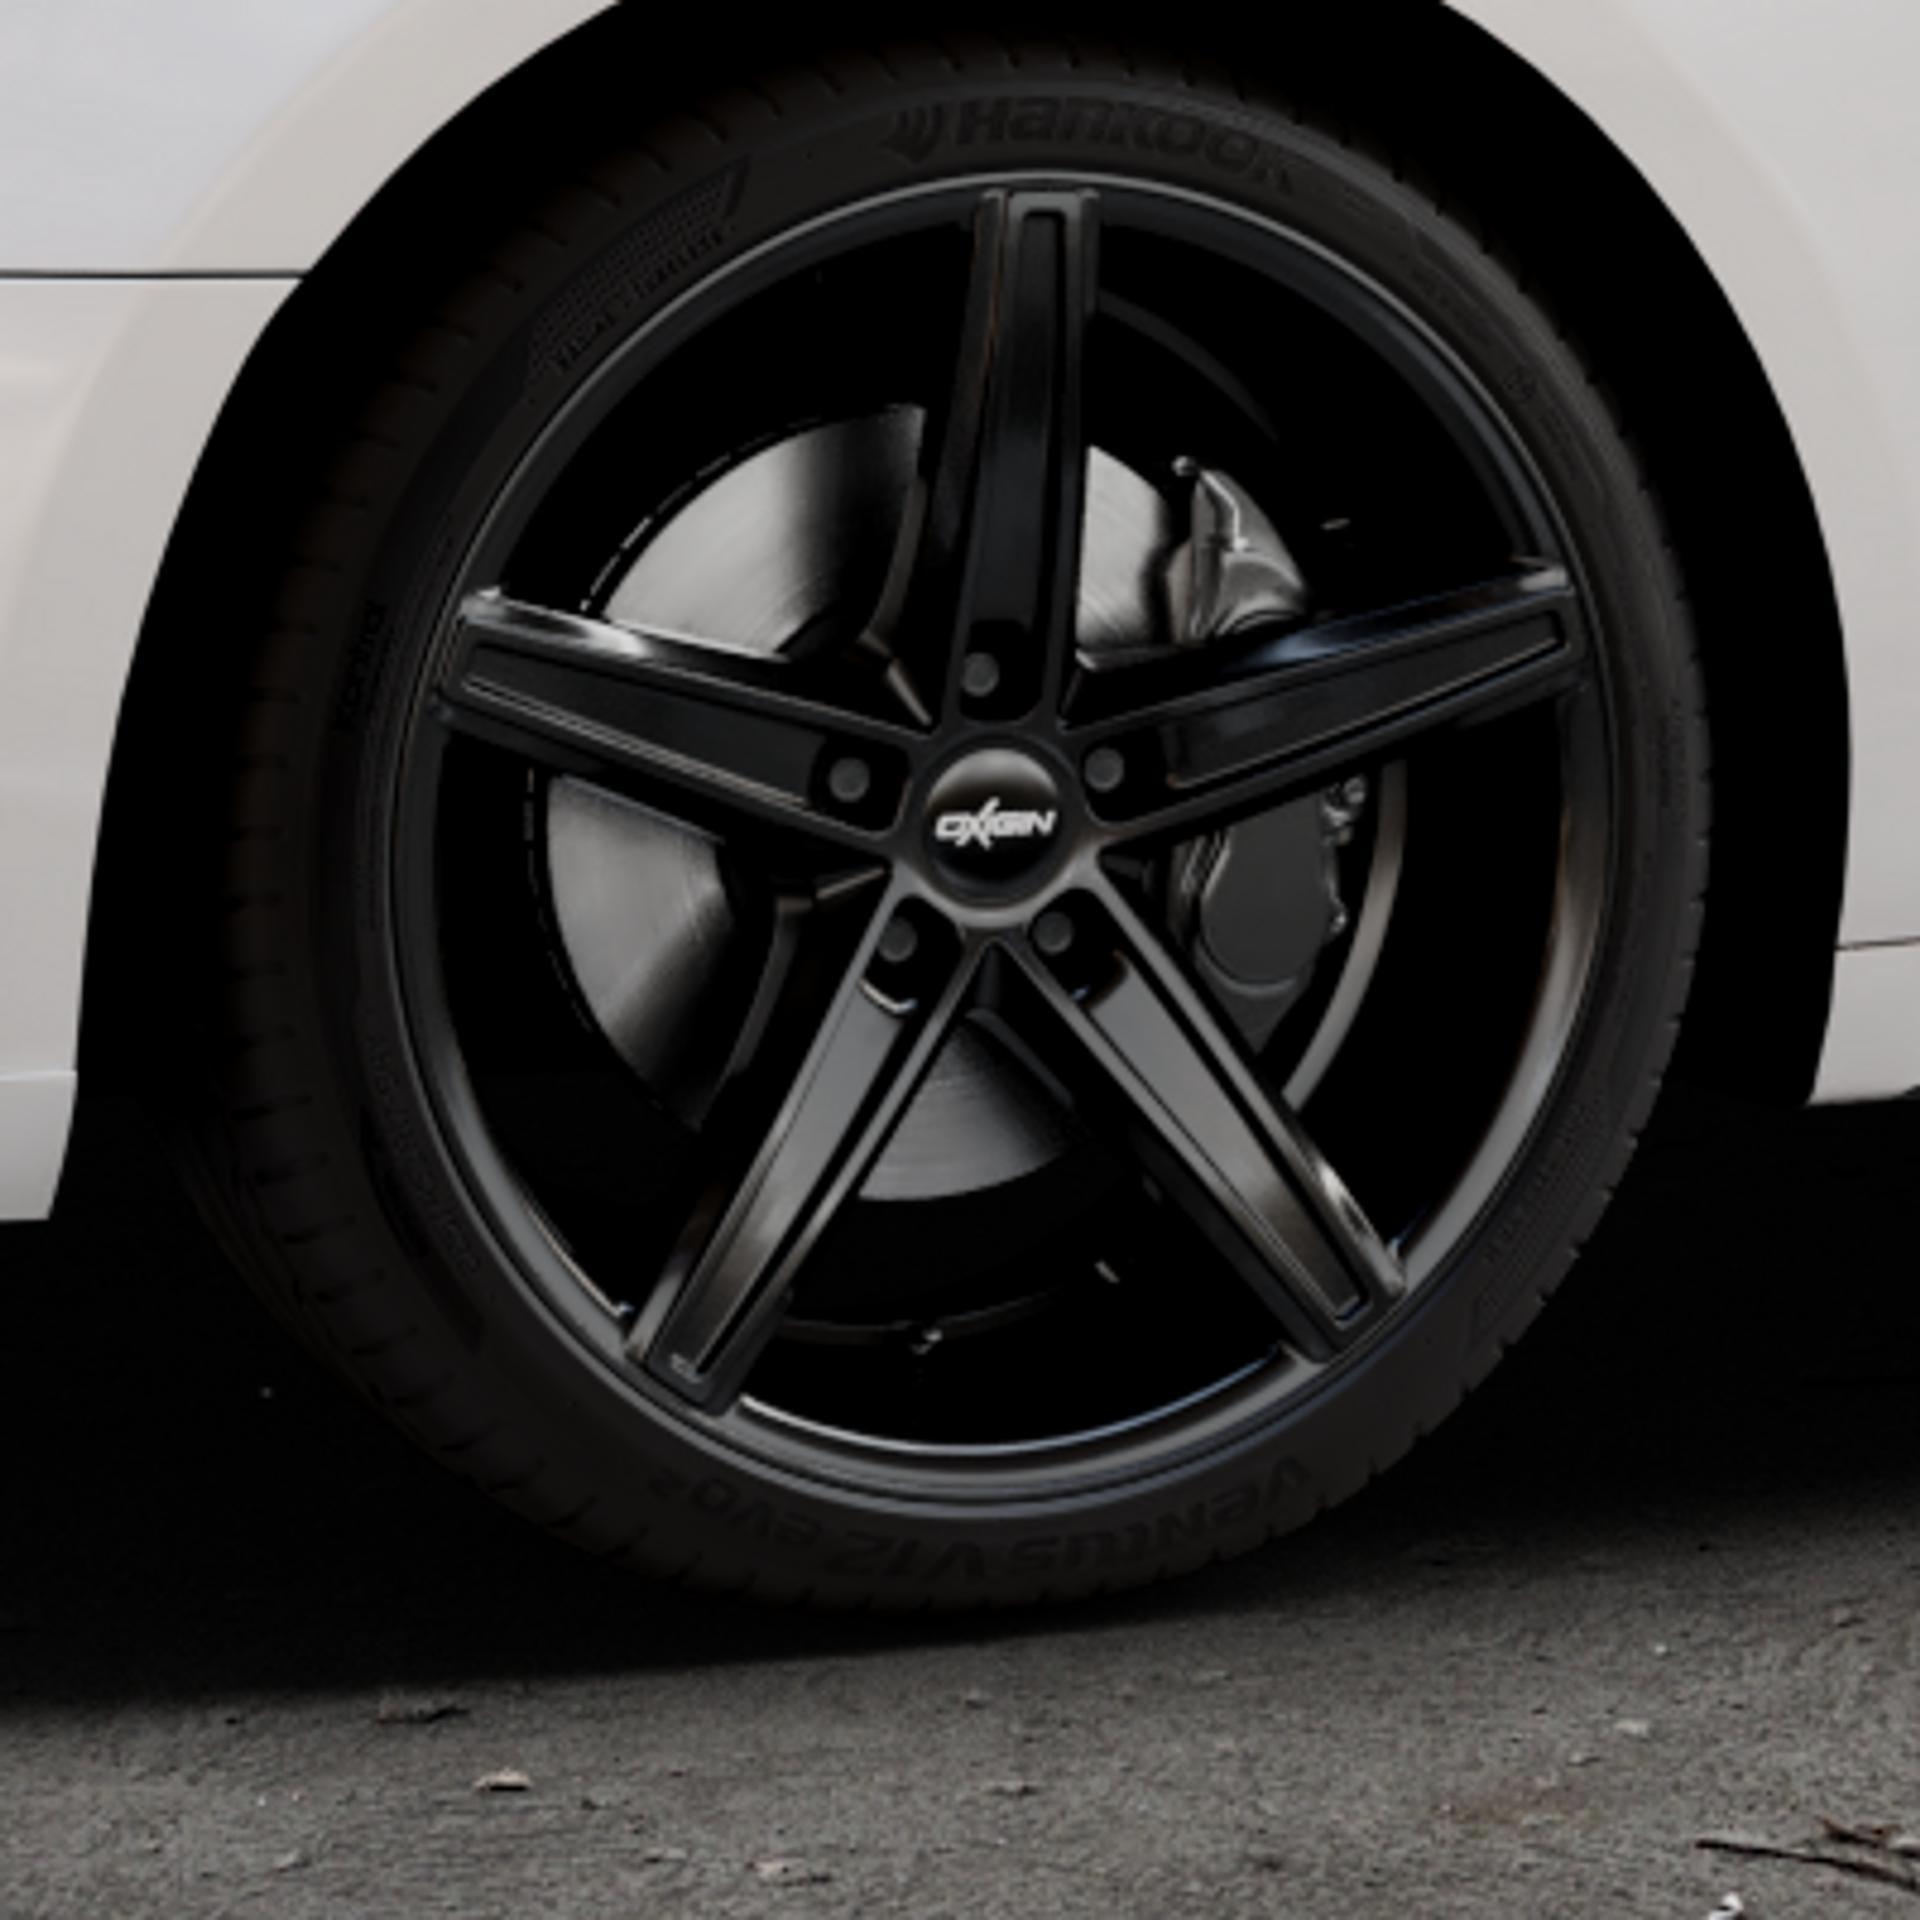 OXIGIN 18 Concave black Felge mit Reifen schwarz in 19Zoll Winterfelge Alufelge auf weissem Audi A5 Typ B9 (Sportback) 2,0l TDI 140kW (190 PS) quattro TFSI 185kW (252 3,0l 160kW (218 200kW (272 1,4l 110kW (150 183kW (249 g-tron 125kW (170 Mild-Hybrid 100kW (136 210kW (286 45 180kW (245 35 40 50 170kW (231 120kW (163 30 ⬇️ mit 15mm Ti